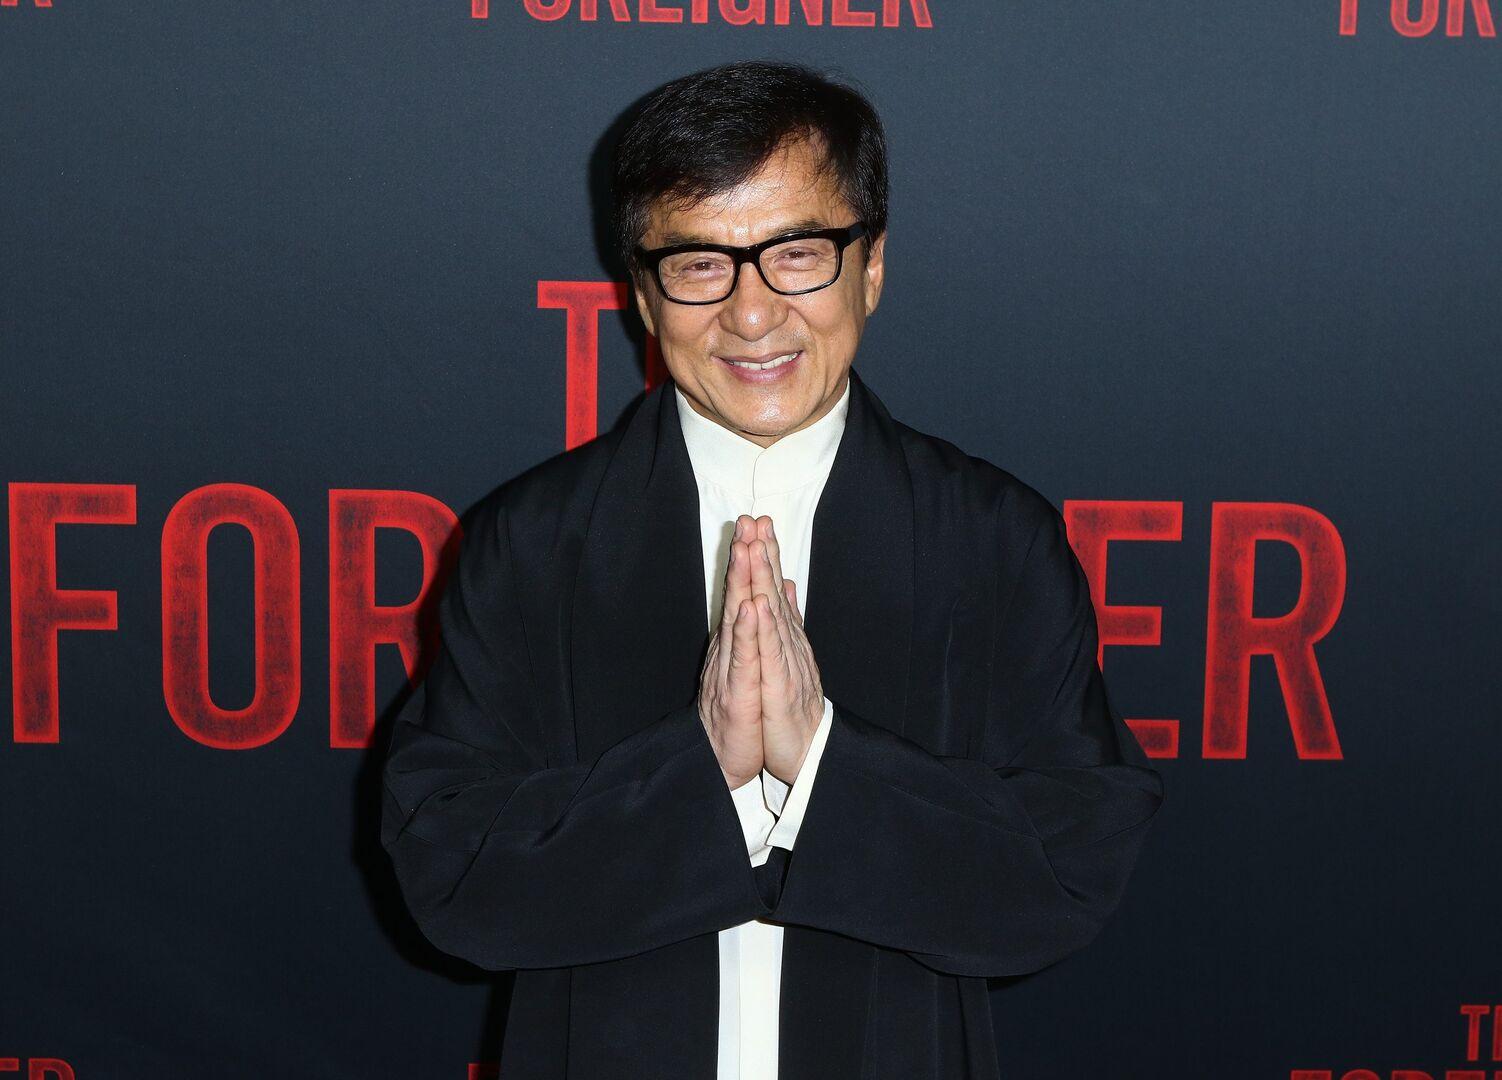 Desvelado el lado oscuro de Jackie Chan: drogas, prostitutas y violencia